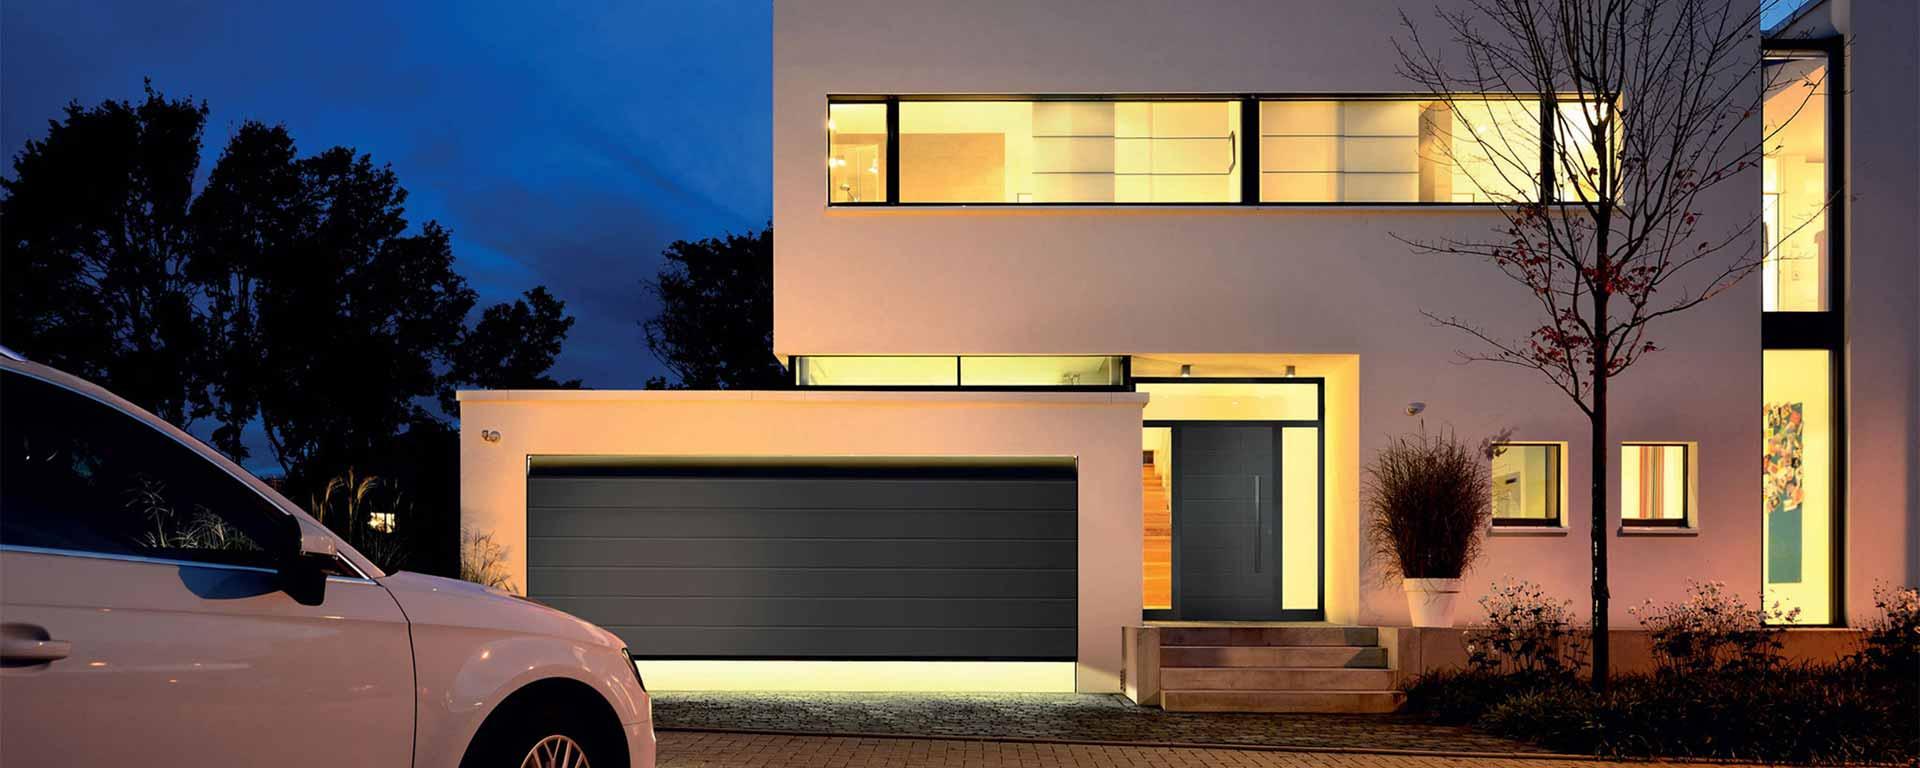 Fenster, Türen, Garagentore